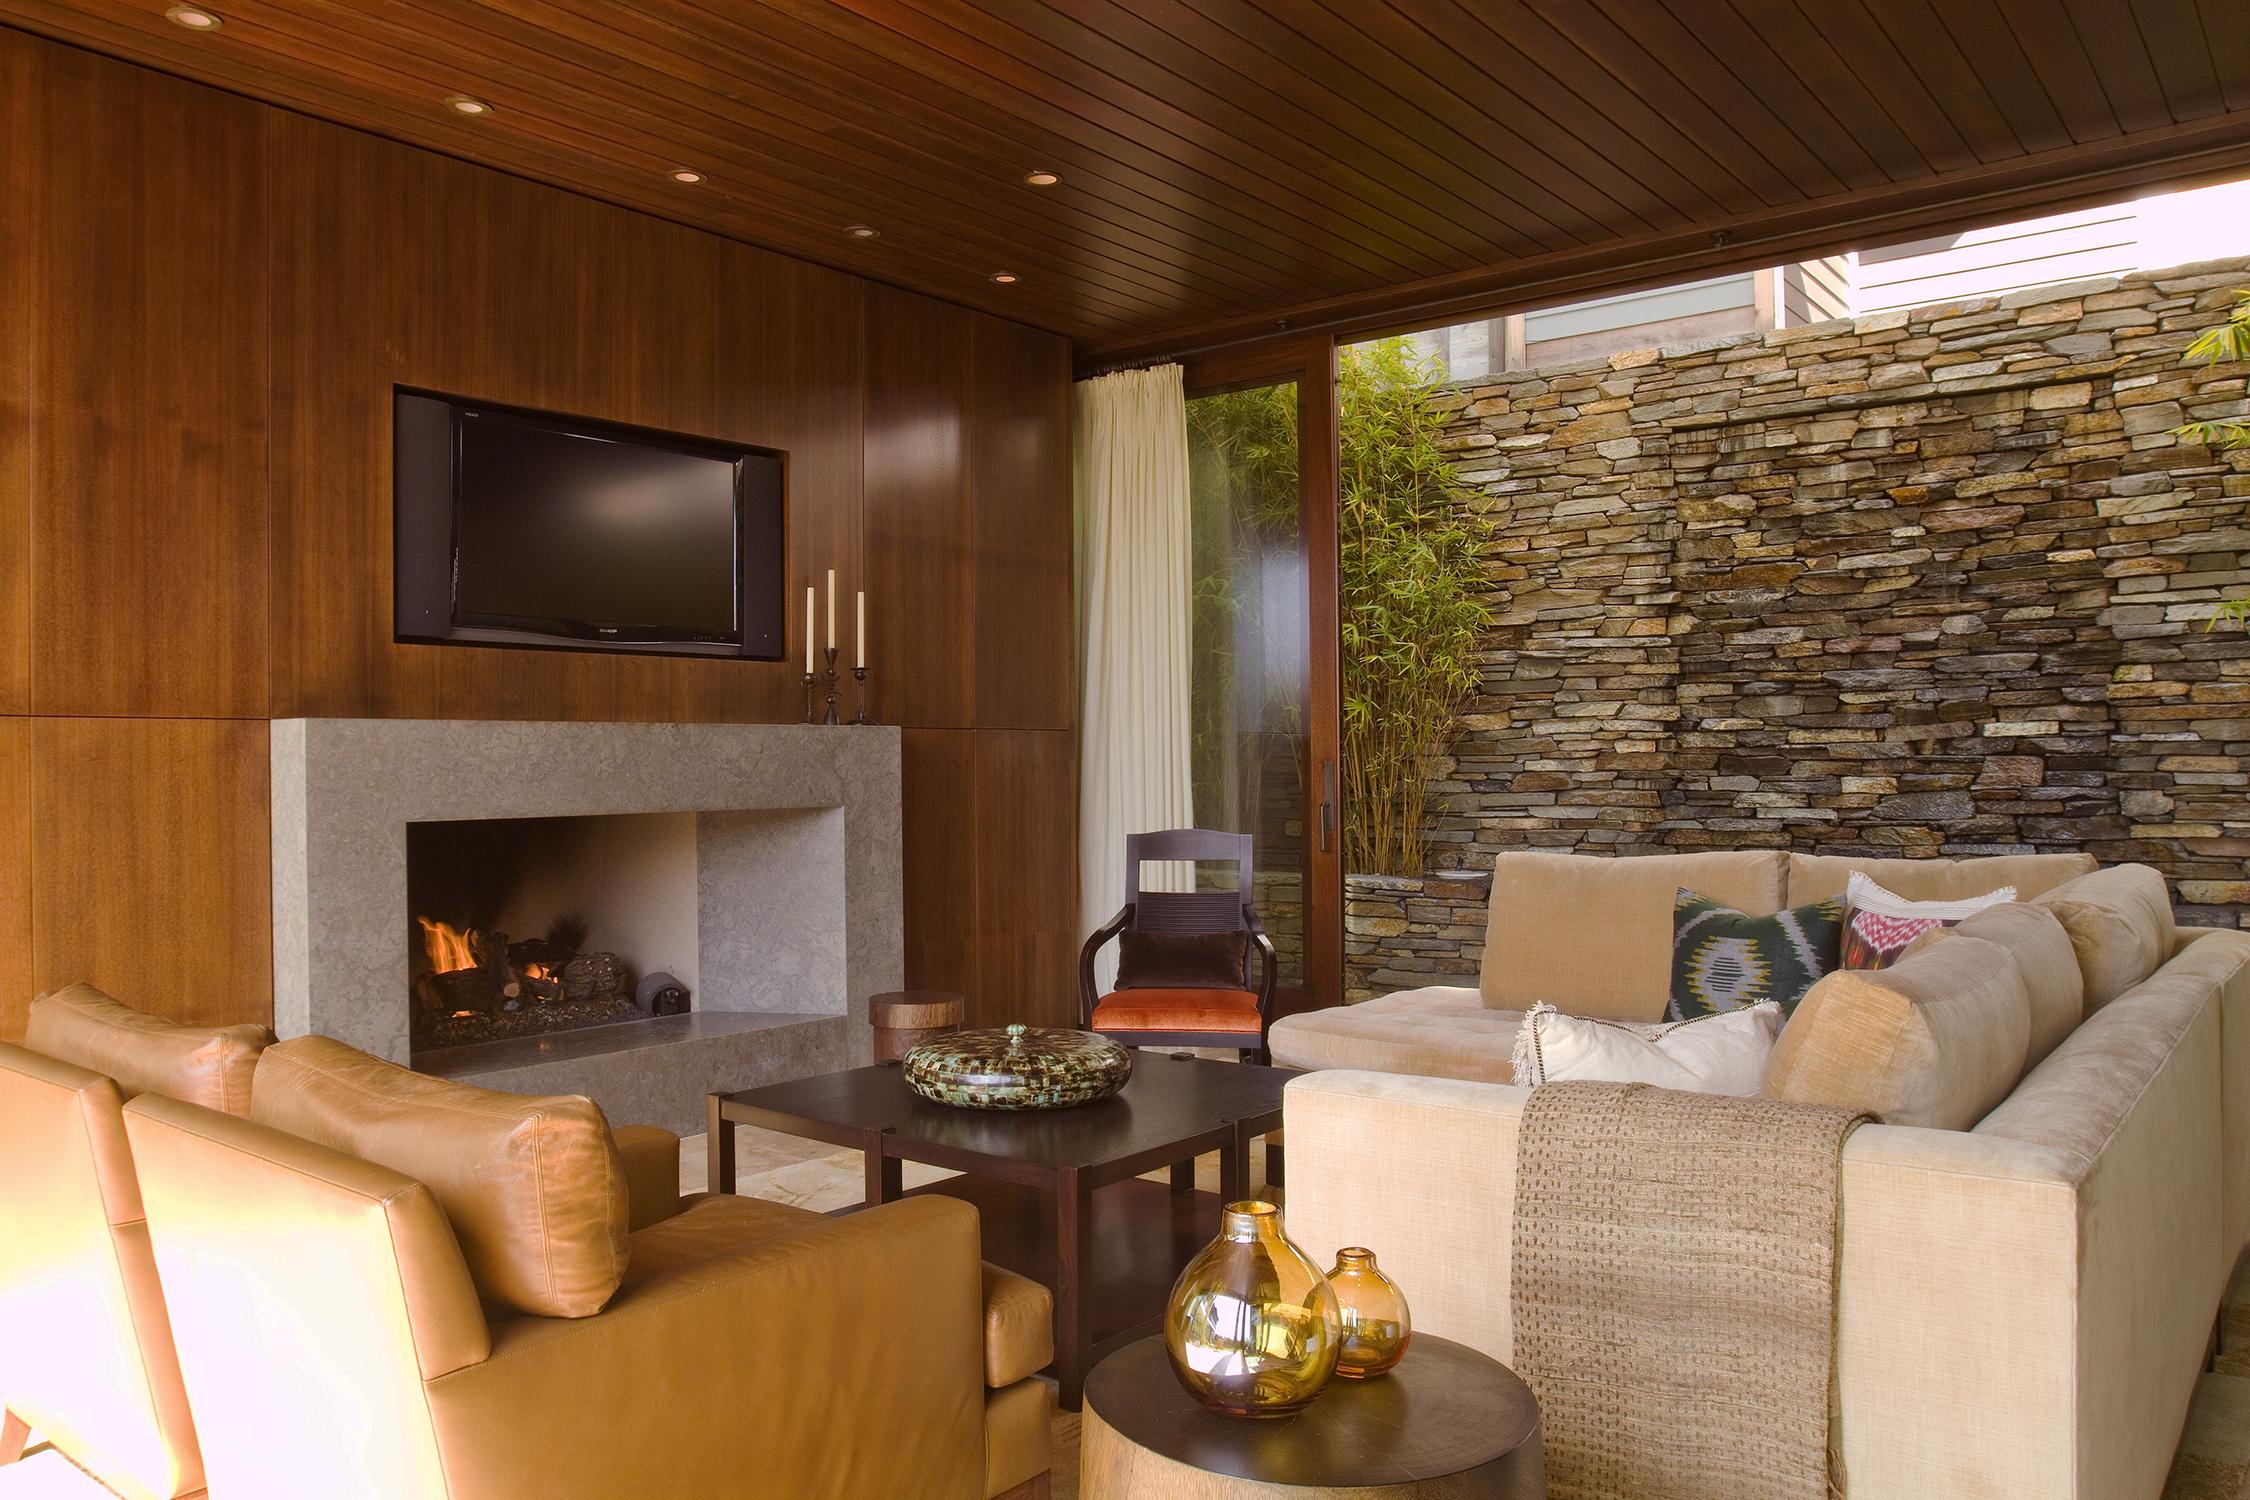 5 Zisette Living Room Fireplace.jpg